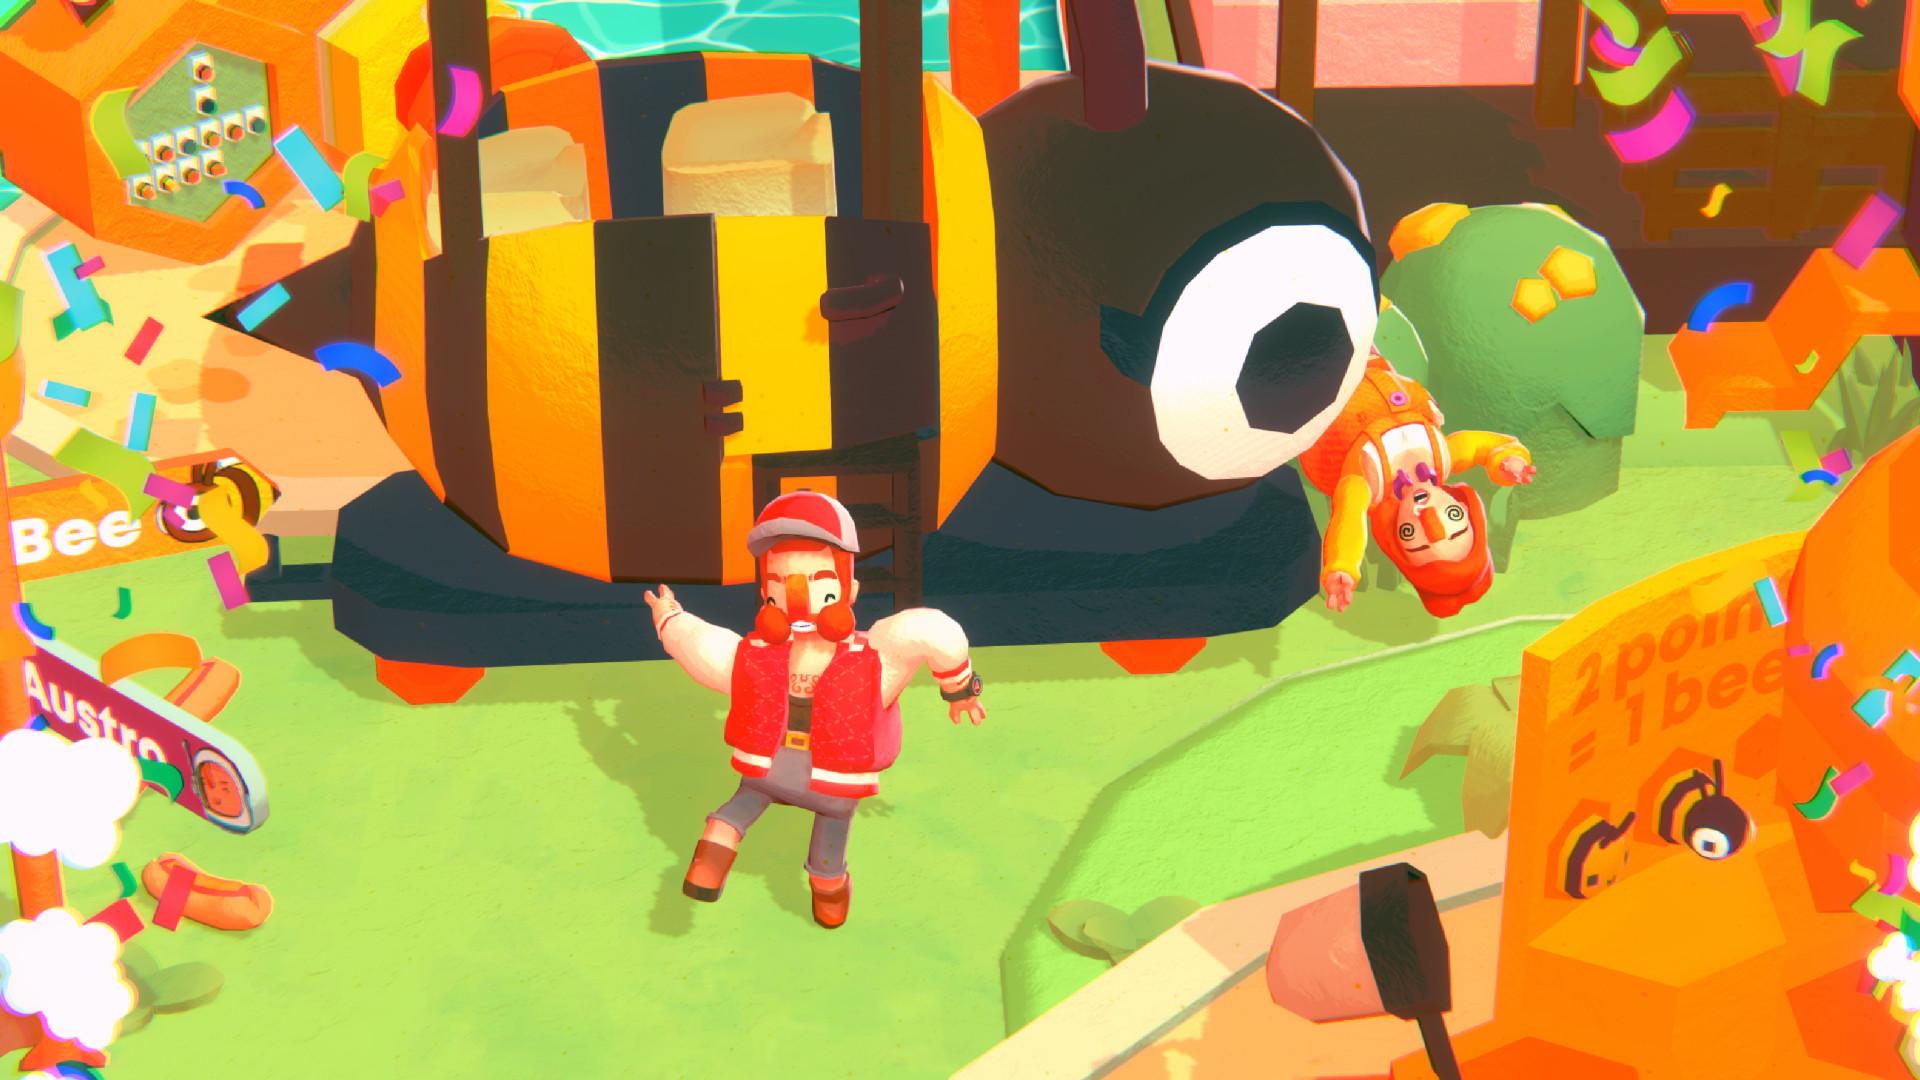 欢乐风格友尽游戏《推倒全家》即将上线Steam平台插图1